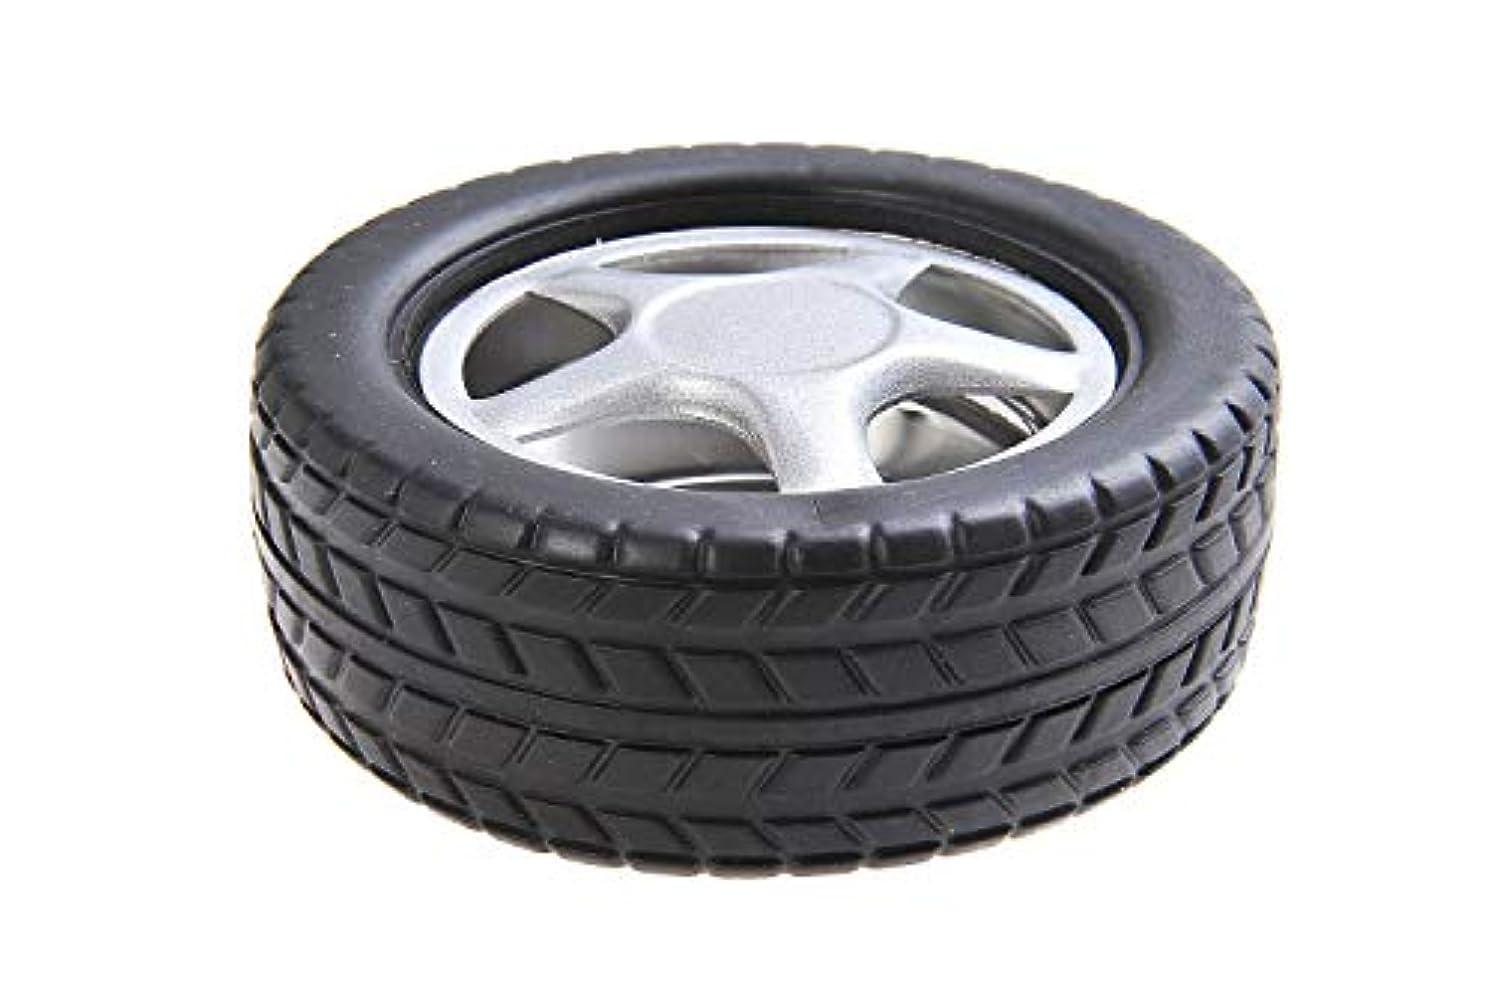 艶程度確実ステンレススチールとプラスチック製の車のタイヤの形状で量子そろばんラウンド灰皿、